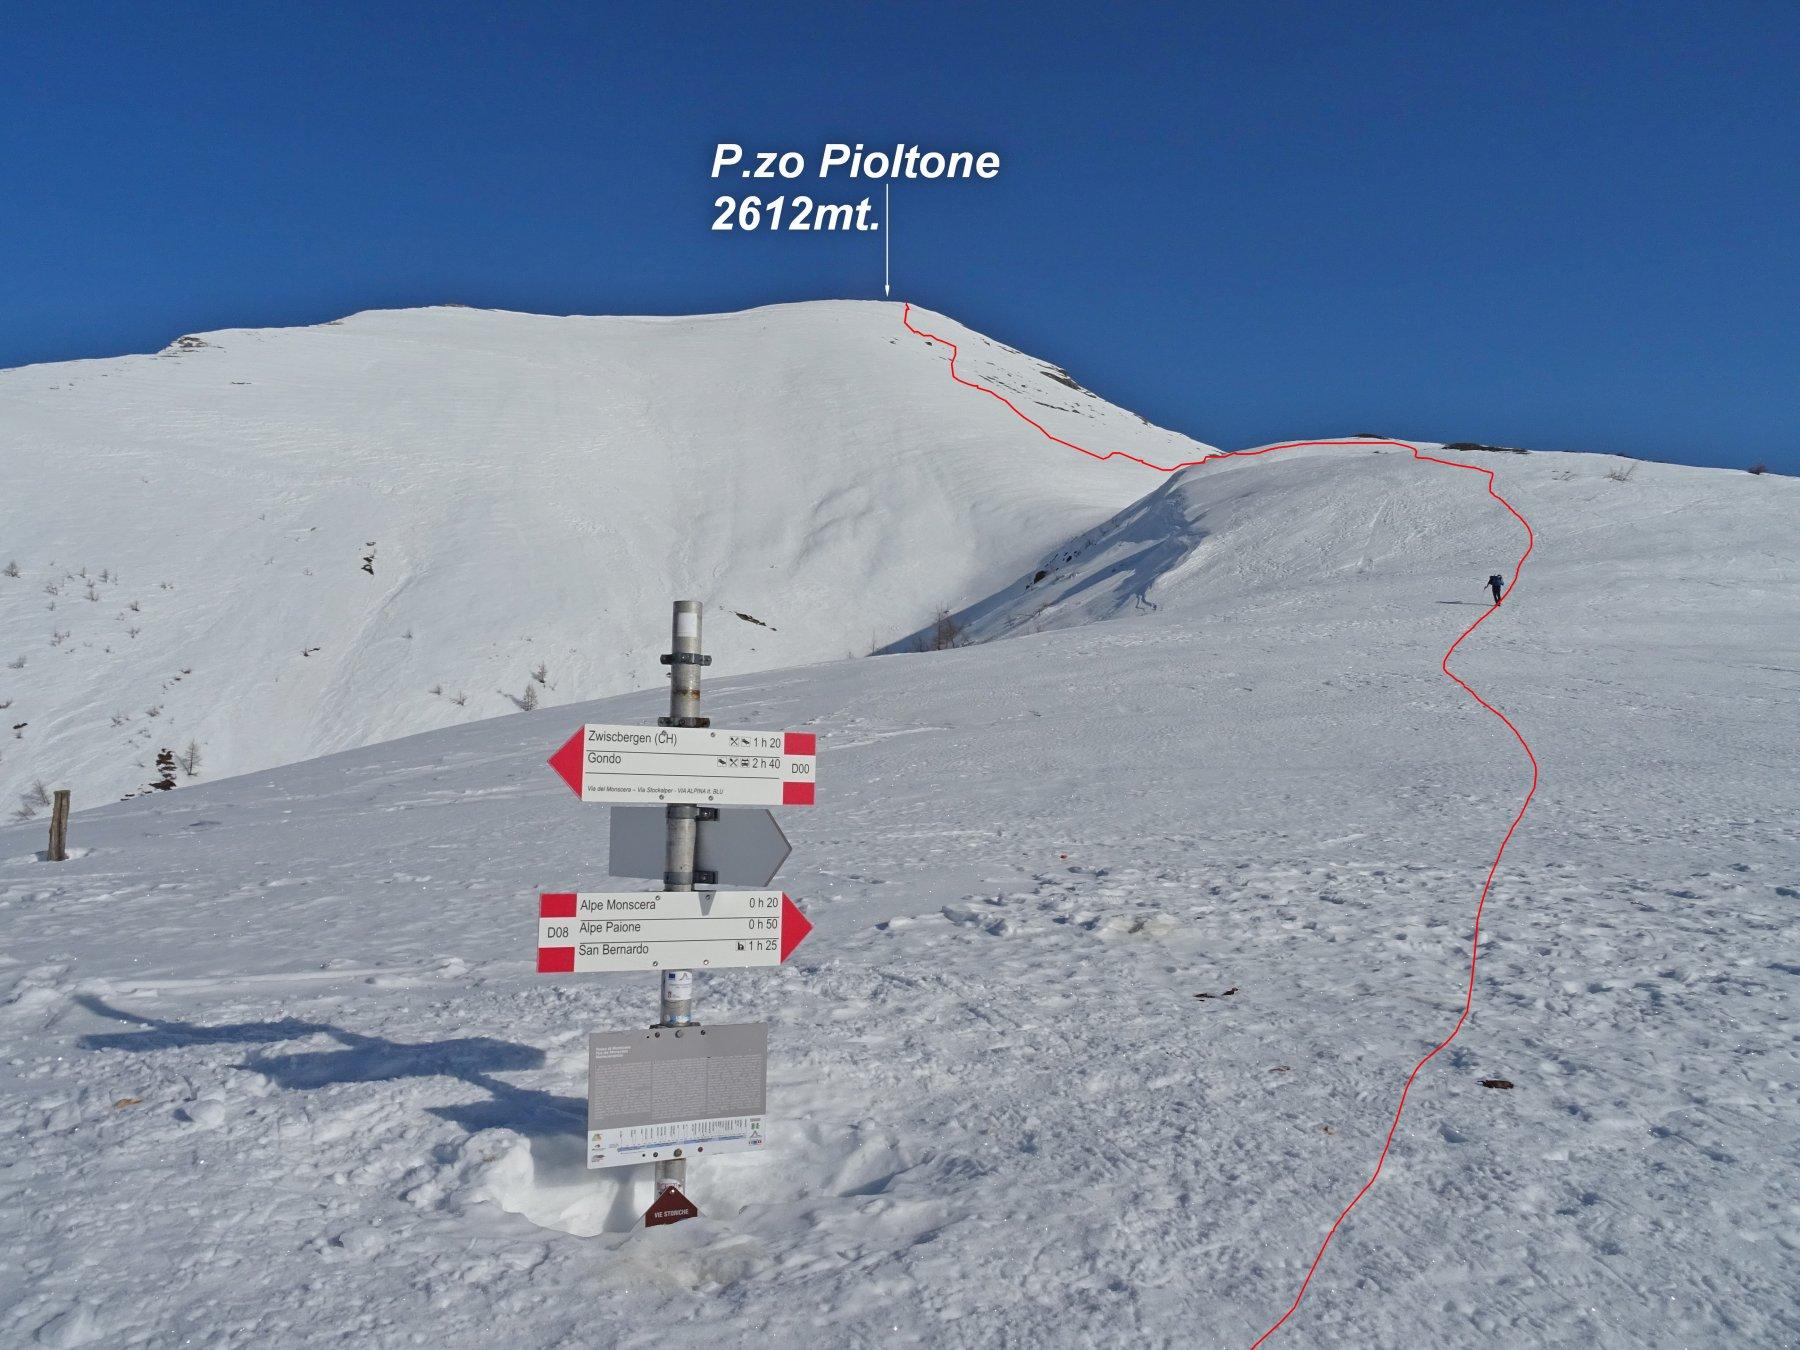 In rosso la traccia di salita al P.zo Pioltone vista dal P.so di Monscera 2103mt.